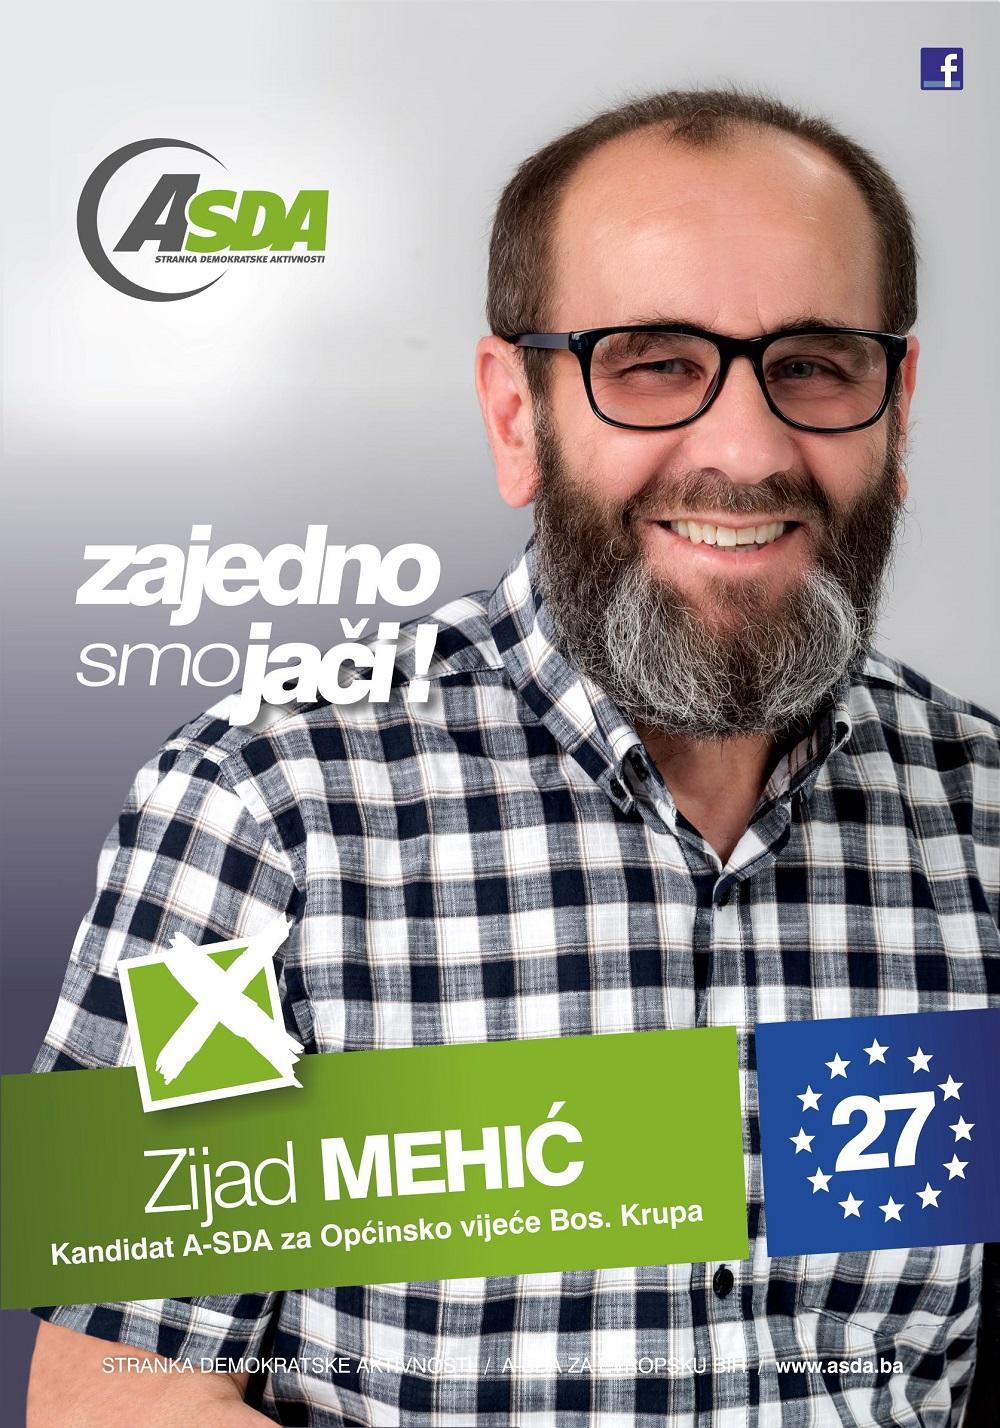 Zijad Mehić